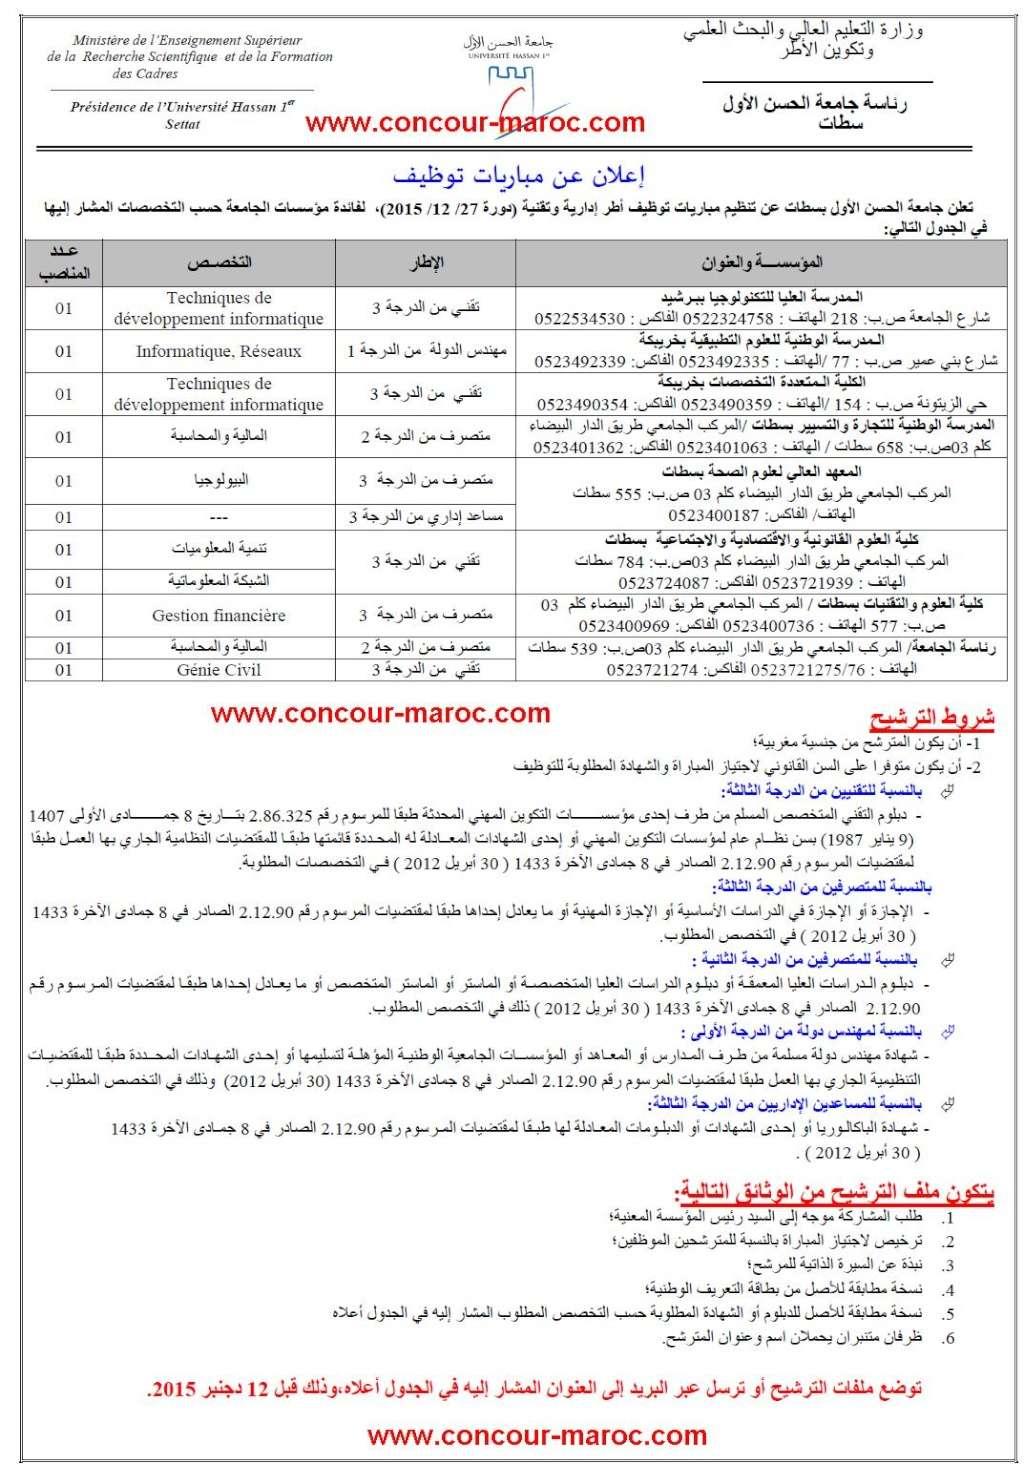 جامعة الحسن الأول - سطات : مباراة لتوظيف توظيف أطر إدارية وتقنية (11 منصب) آخر أجل لإيداع الترشيحات 11 دجنبر 2015 Concou43